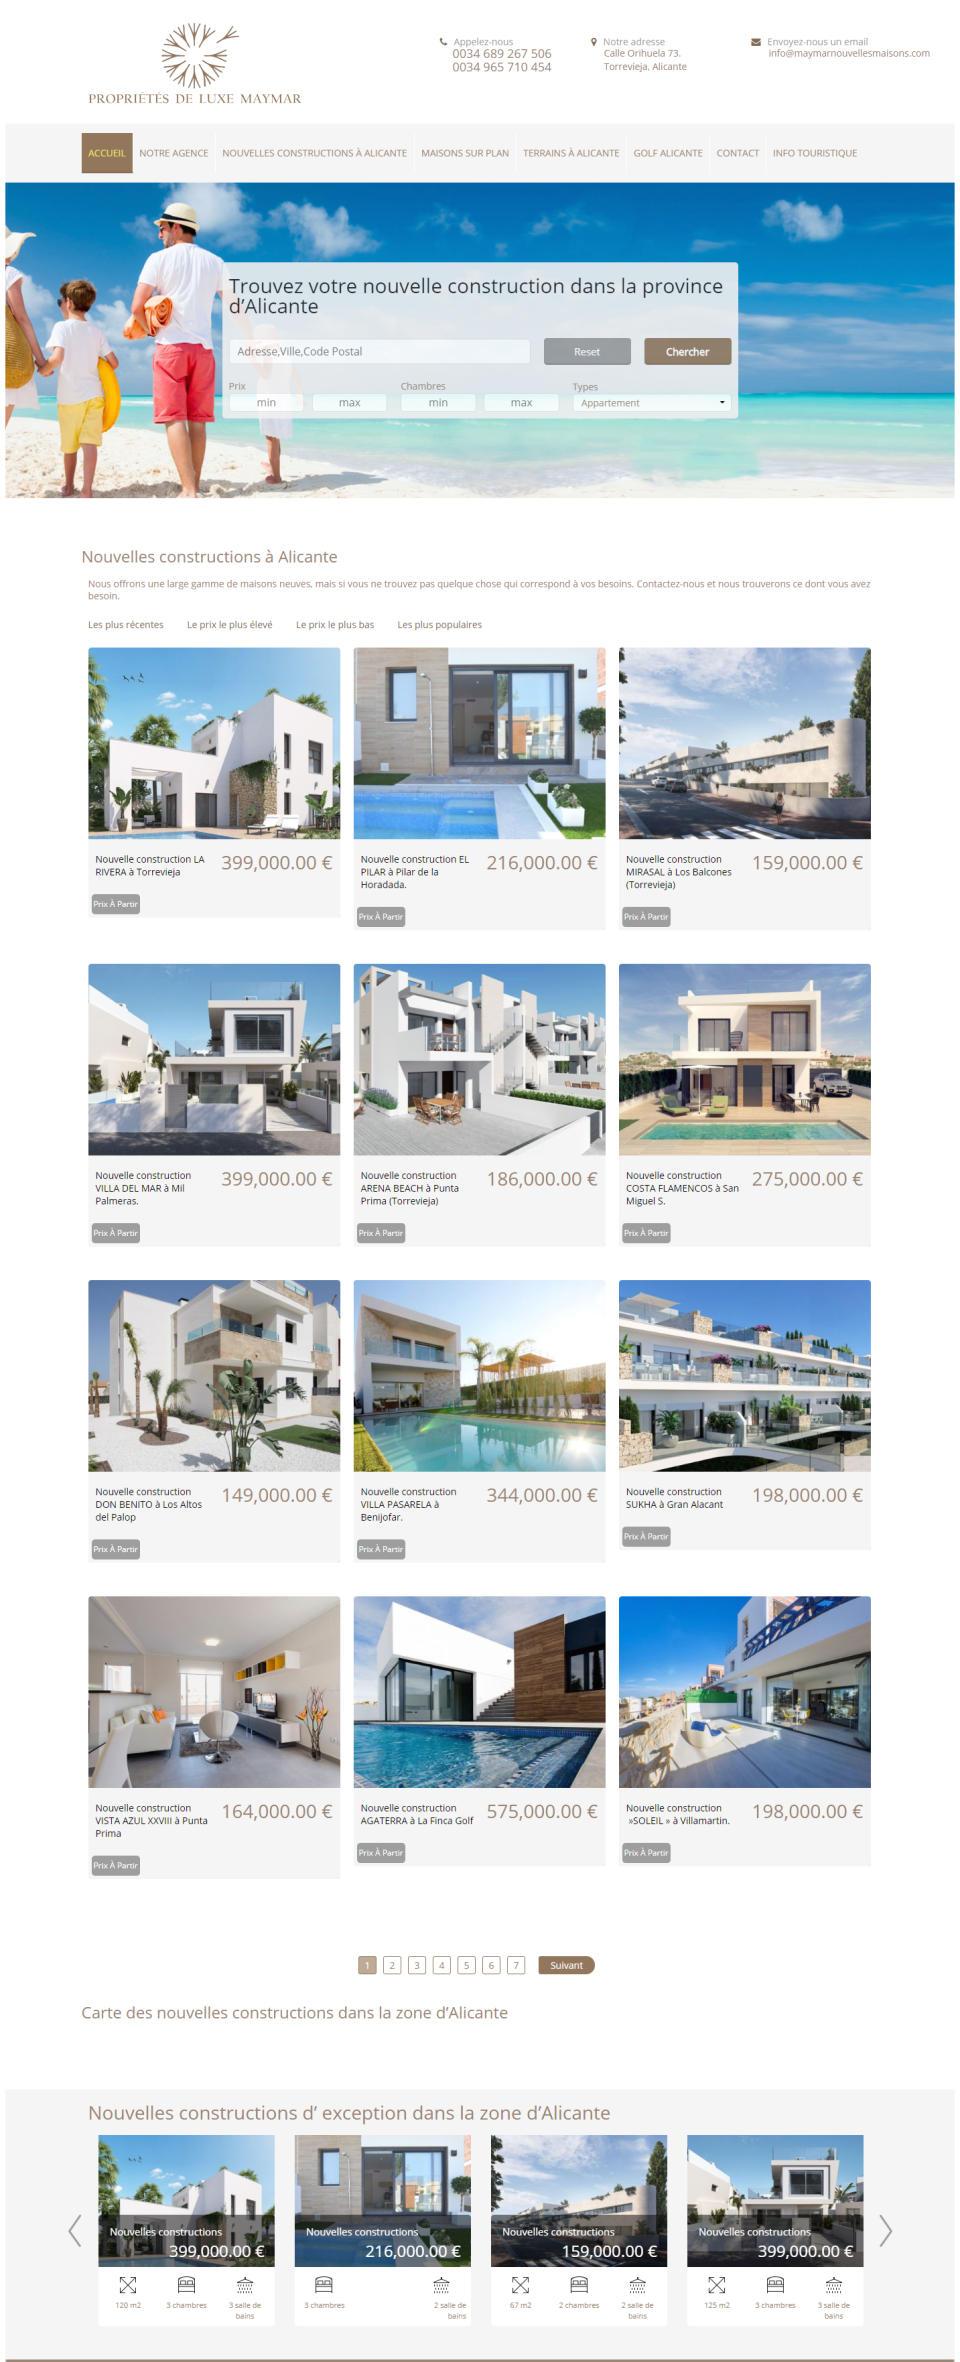 diseñador web freelance maymarnouvellesmaisons.com